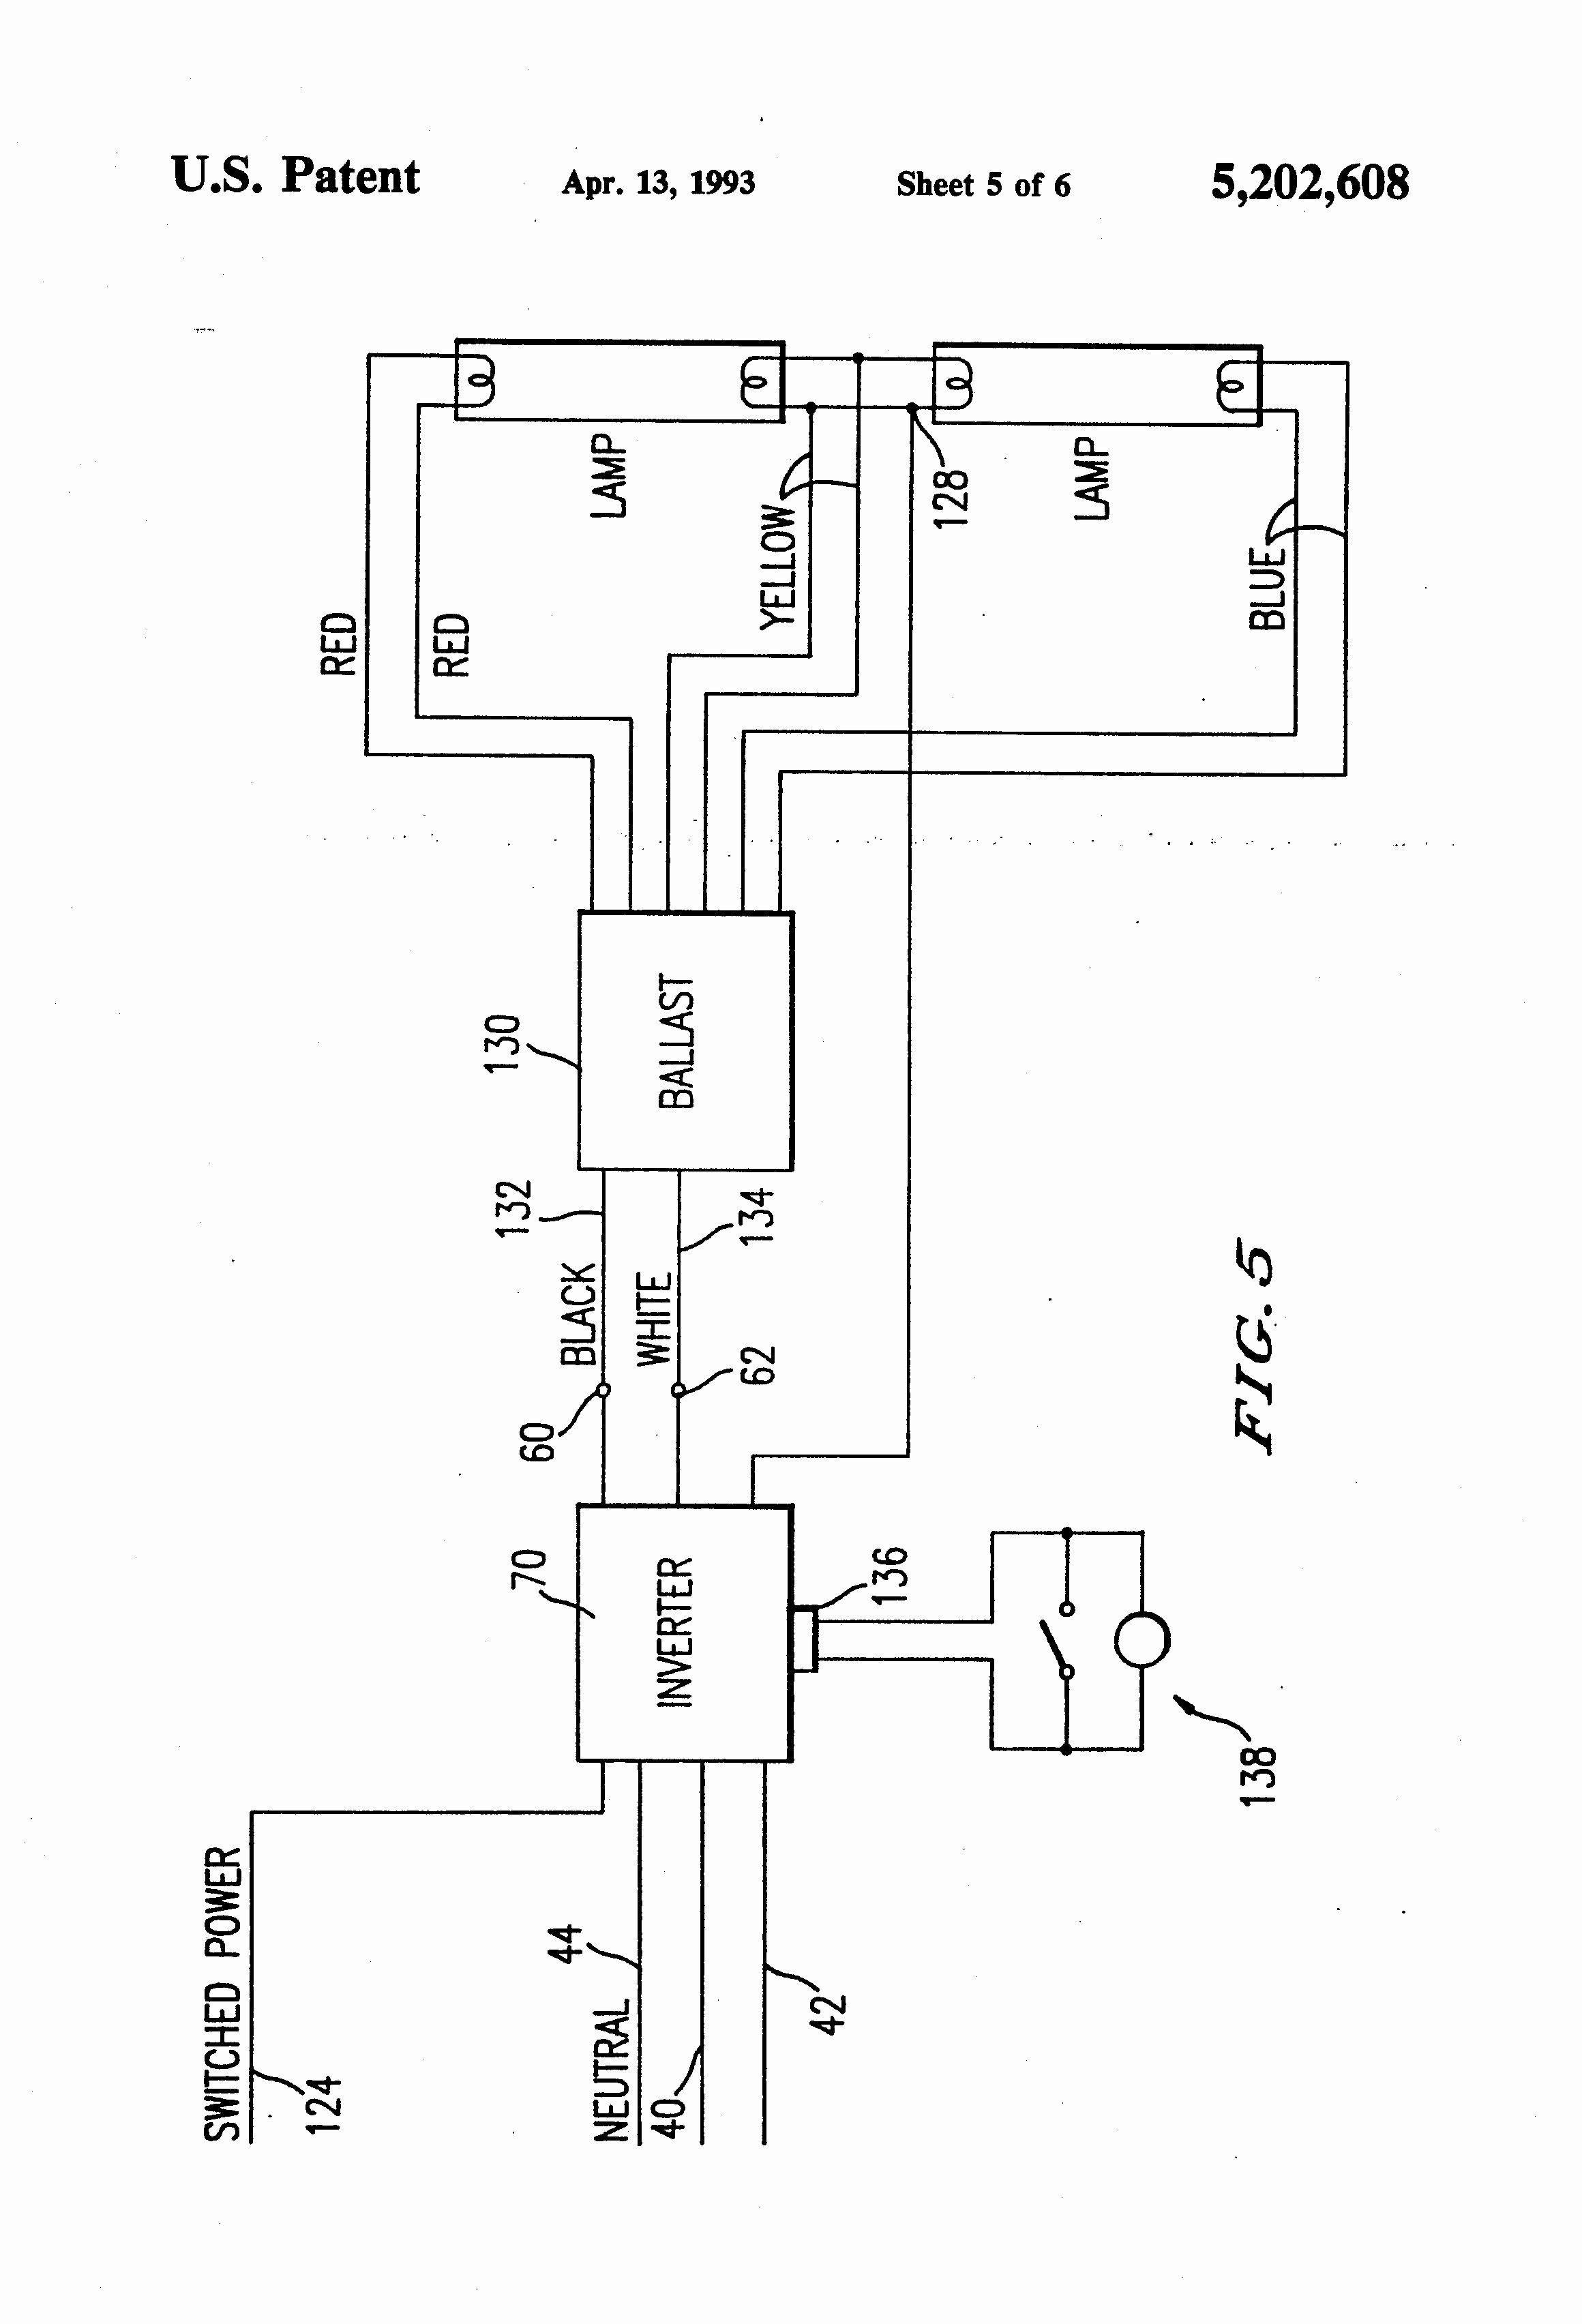 Electronic Choke Wiring Diagram 19 Stunning Free Auto Wiring Diagrams for You S Of Electronic Choke Wiring Diagram